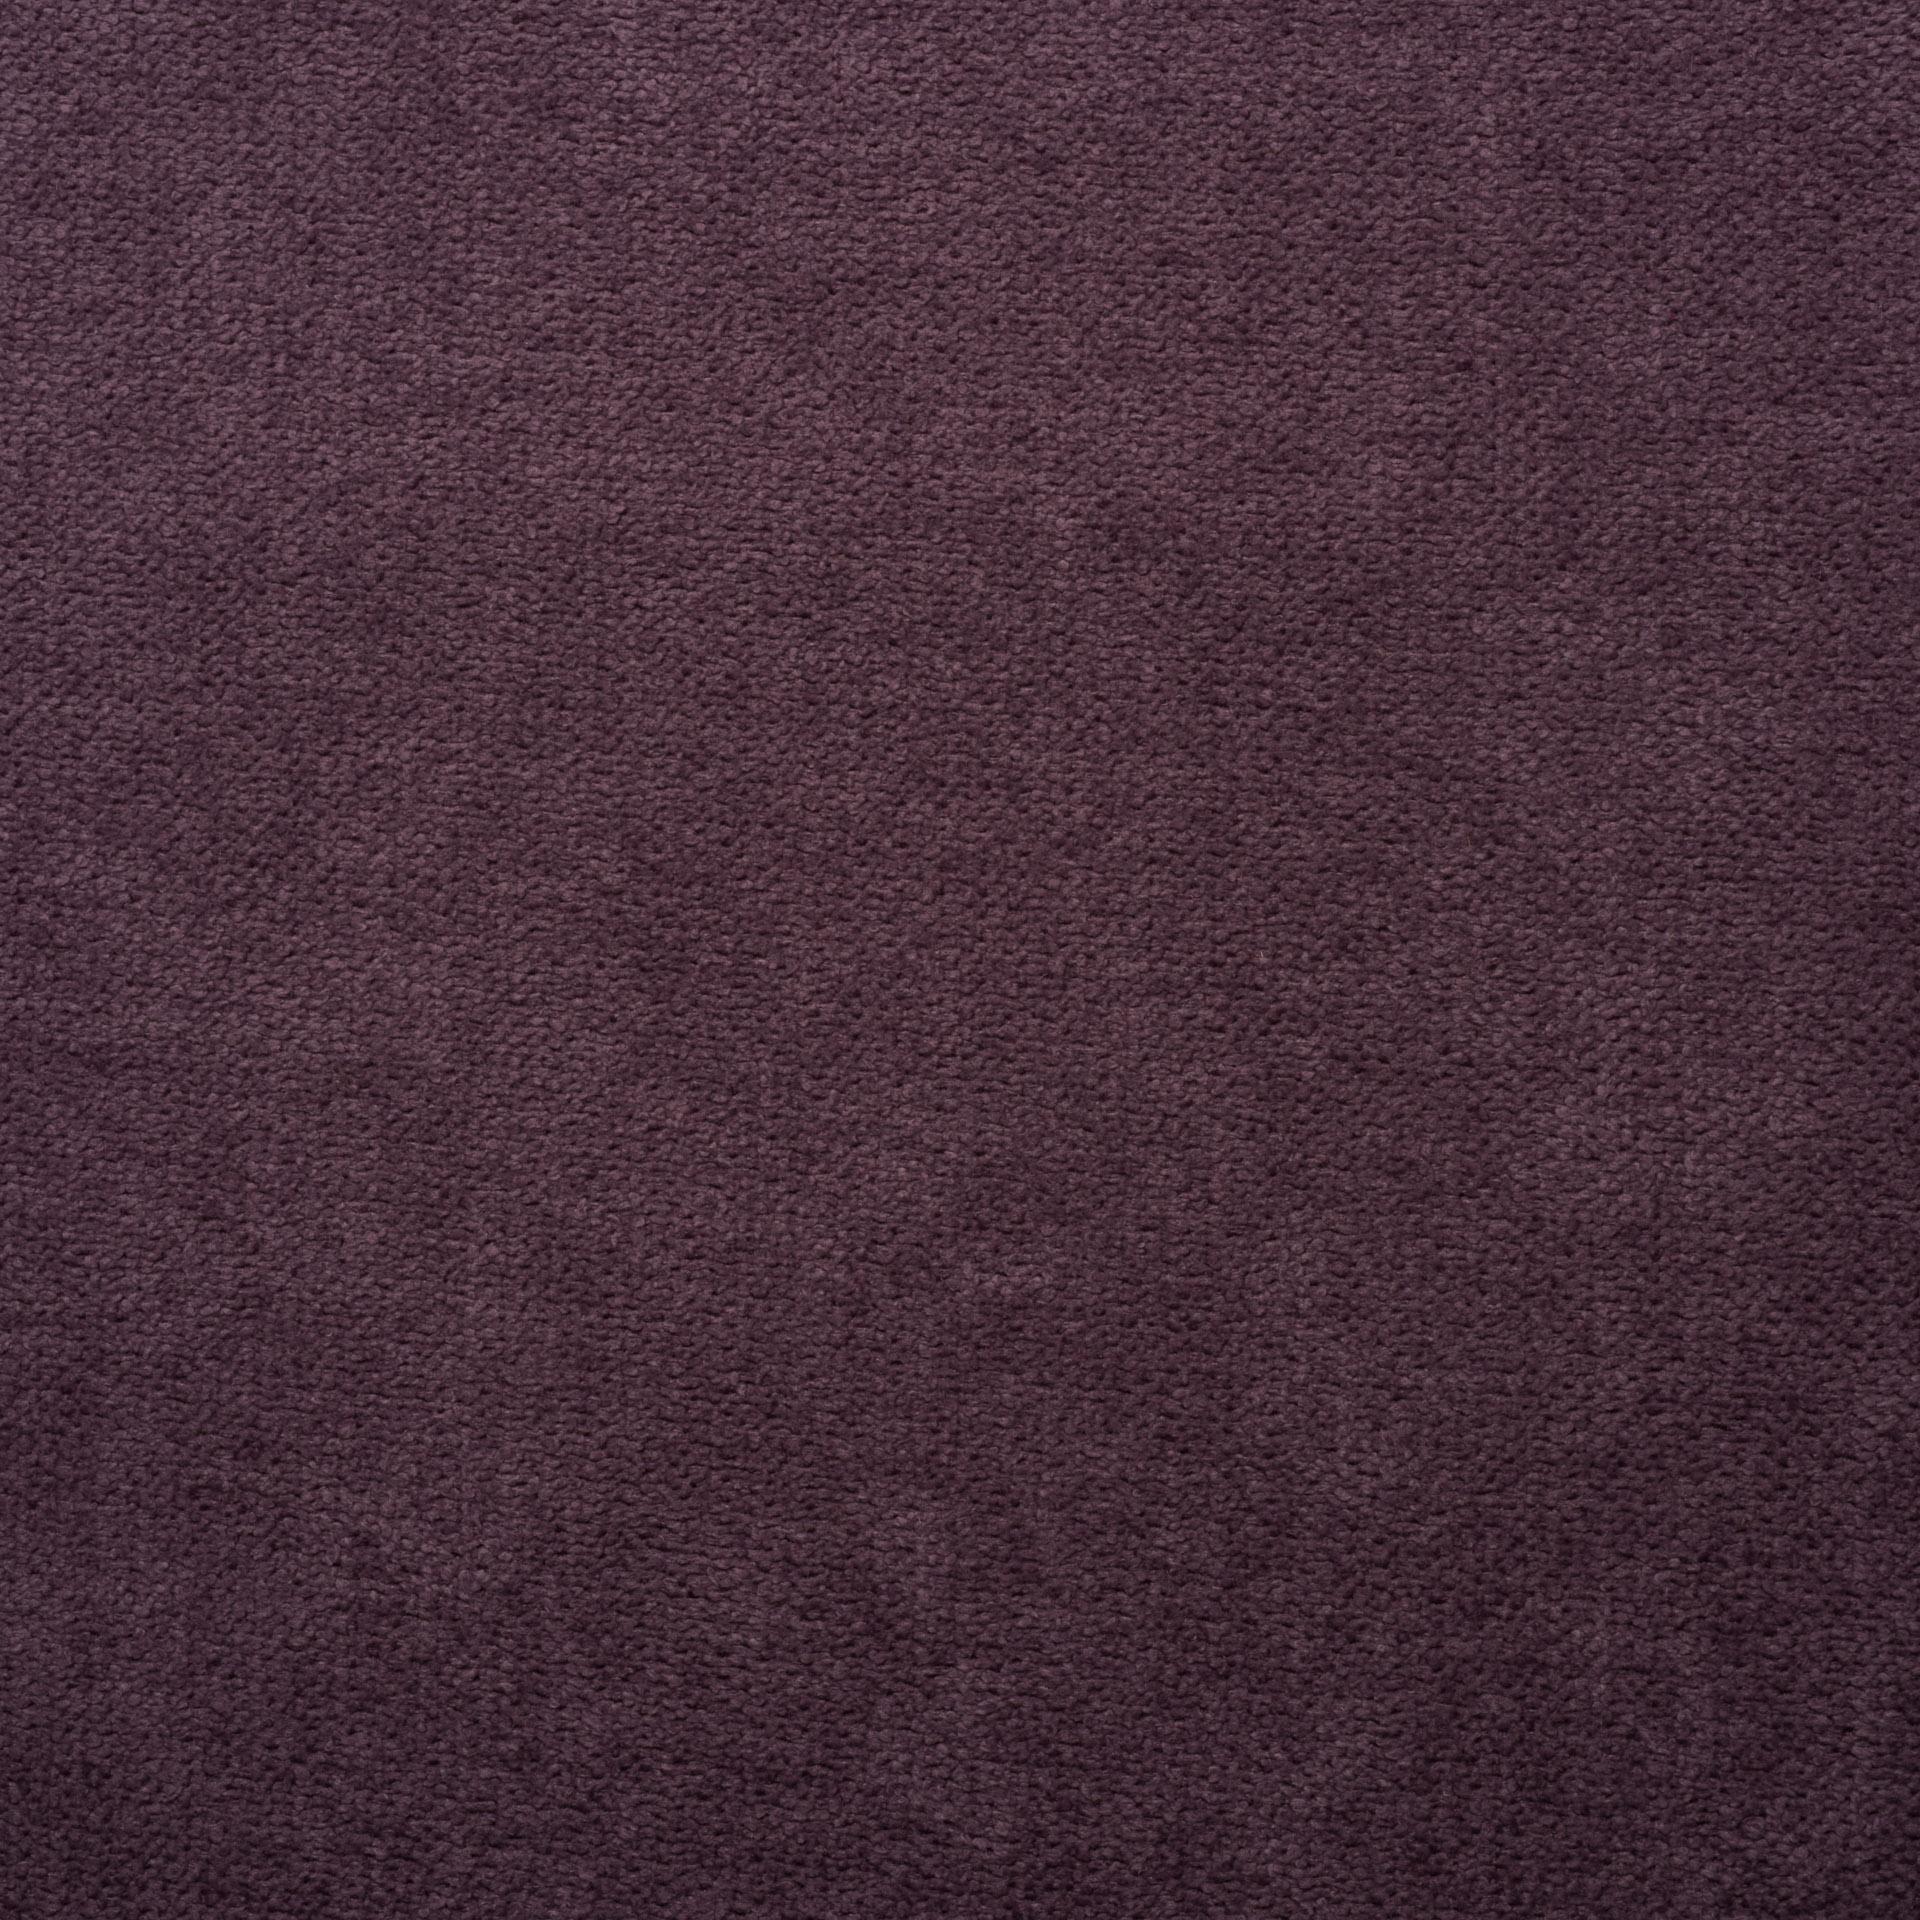 Коллекция ткани Аляска 07 BELLFLOWERS,  купить ткань Жаккард для мебели Украина